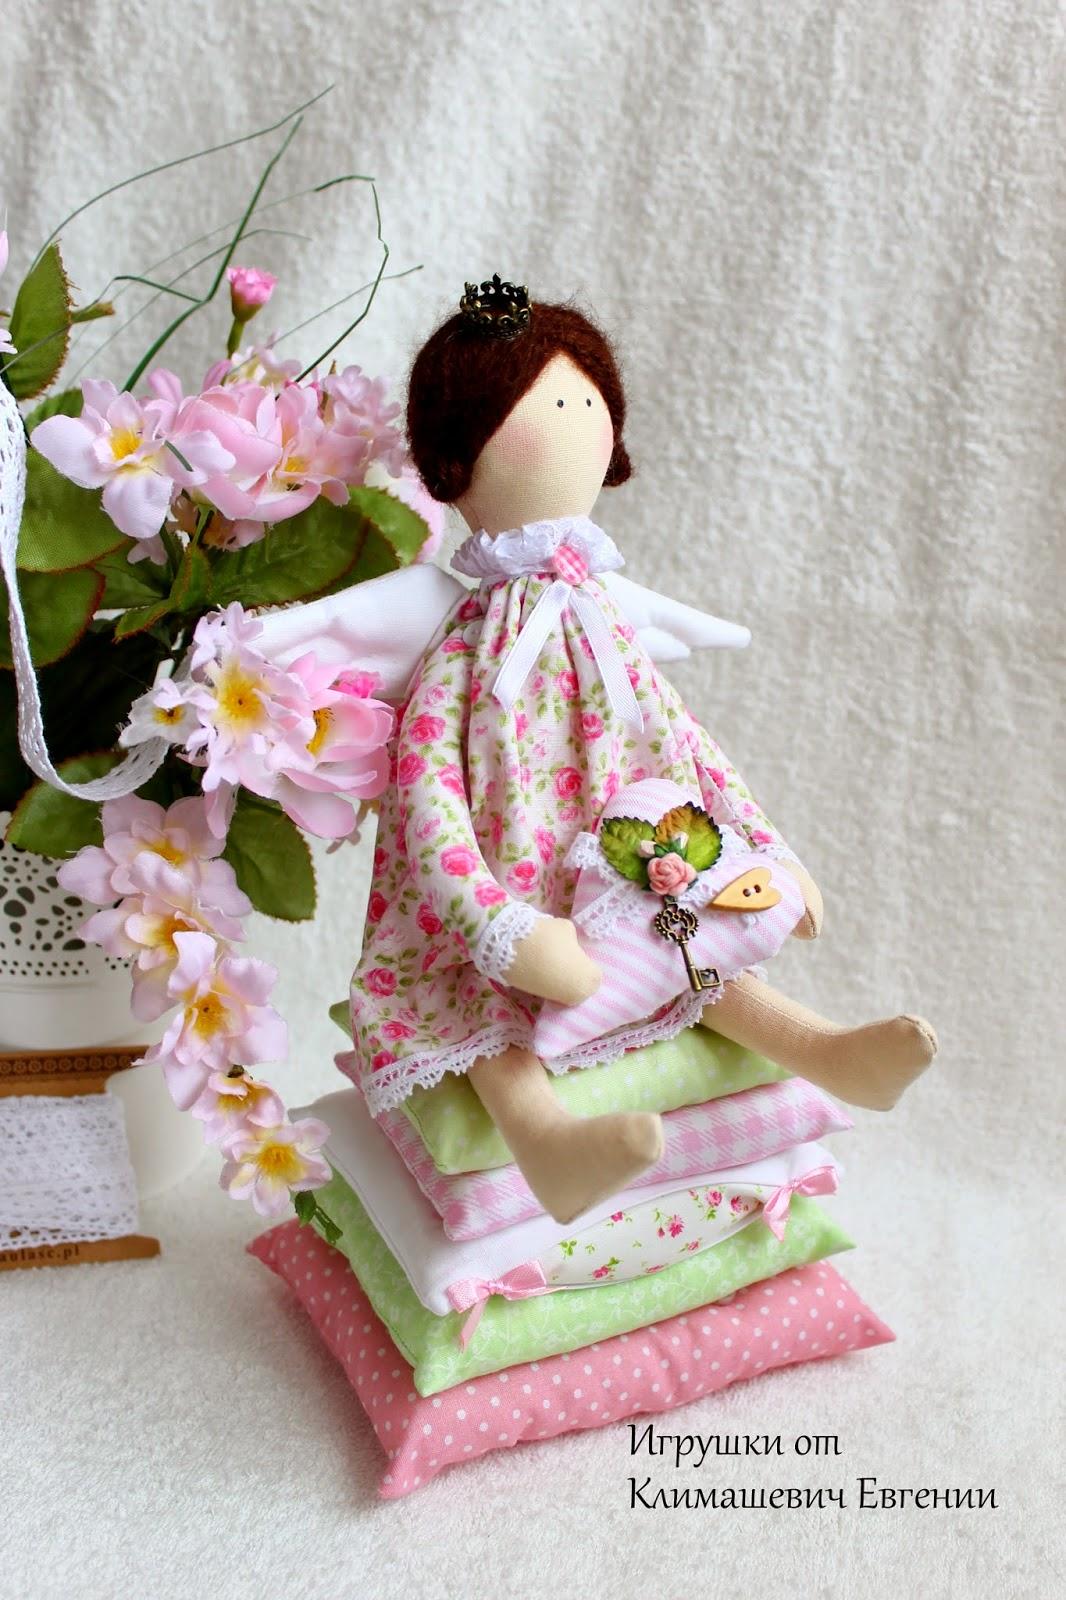 Принцесса на горошине, принцесса, принцесса тильда, кукла тильда, тильда, тильда принцесса, фея, ангел, тильда фея, тильда ангел, заказать куклу, кукла ручной работы, авторская кукла, текстильная кукла, мастер класс, шьем тильду, шебби шик, шебби-шик, шебби стиль, нежность, розовый, с сердечком